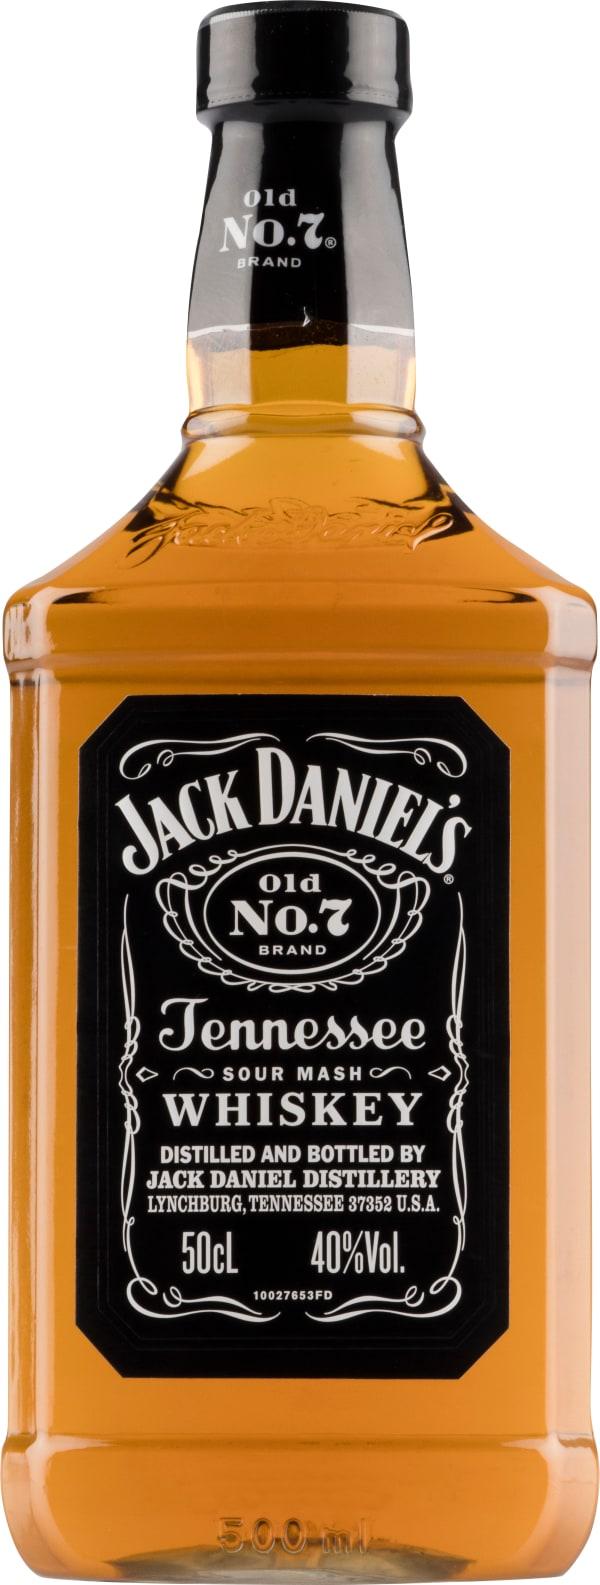 Jack Daniel's Old No. 7 muovipullo